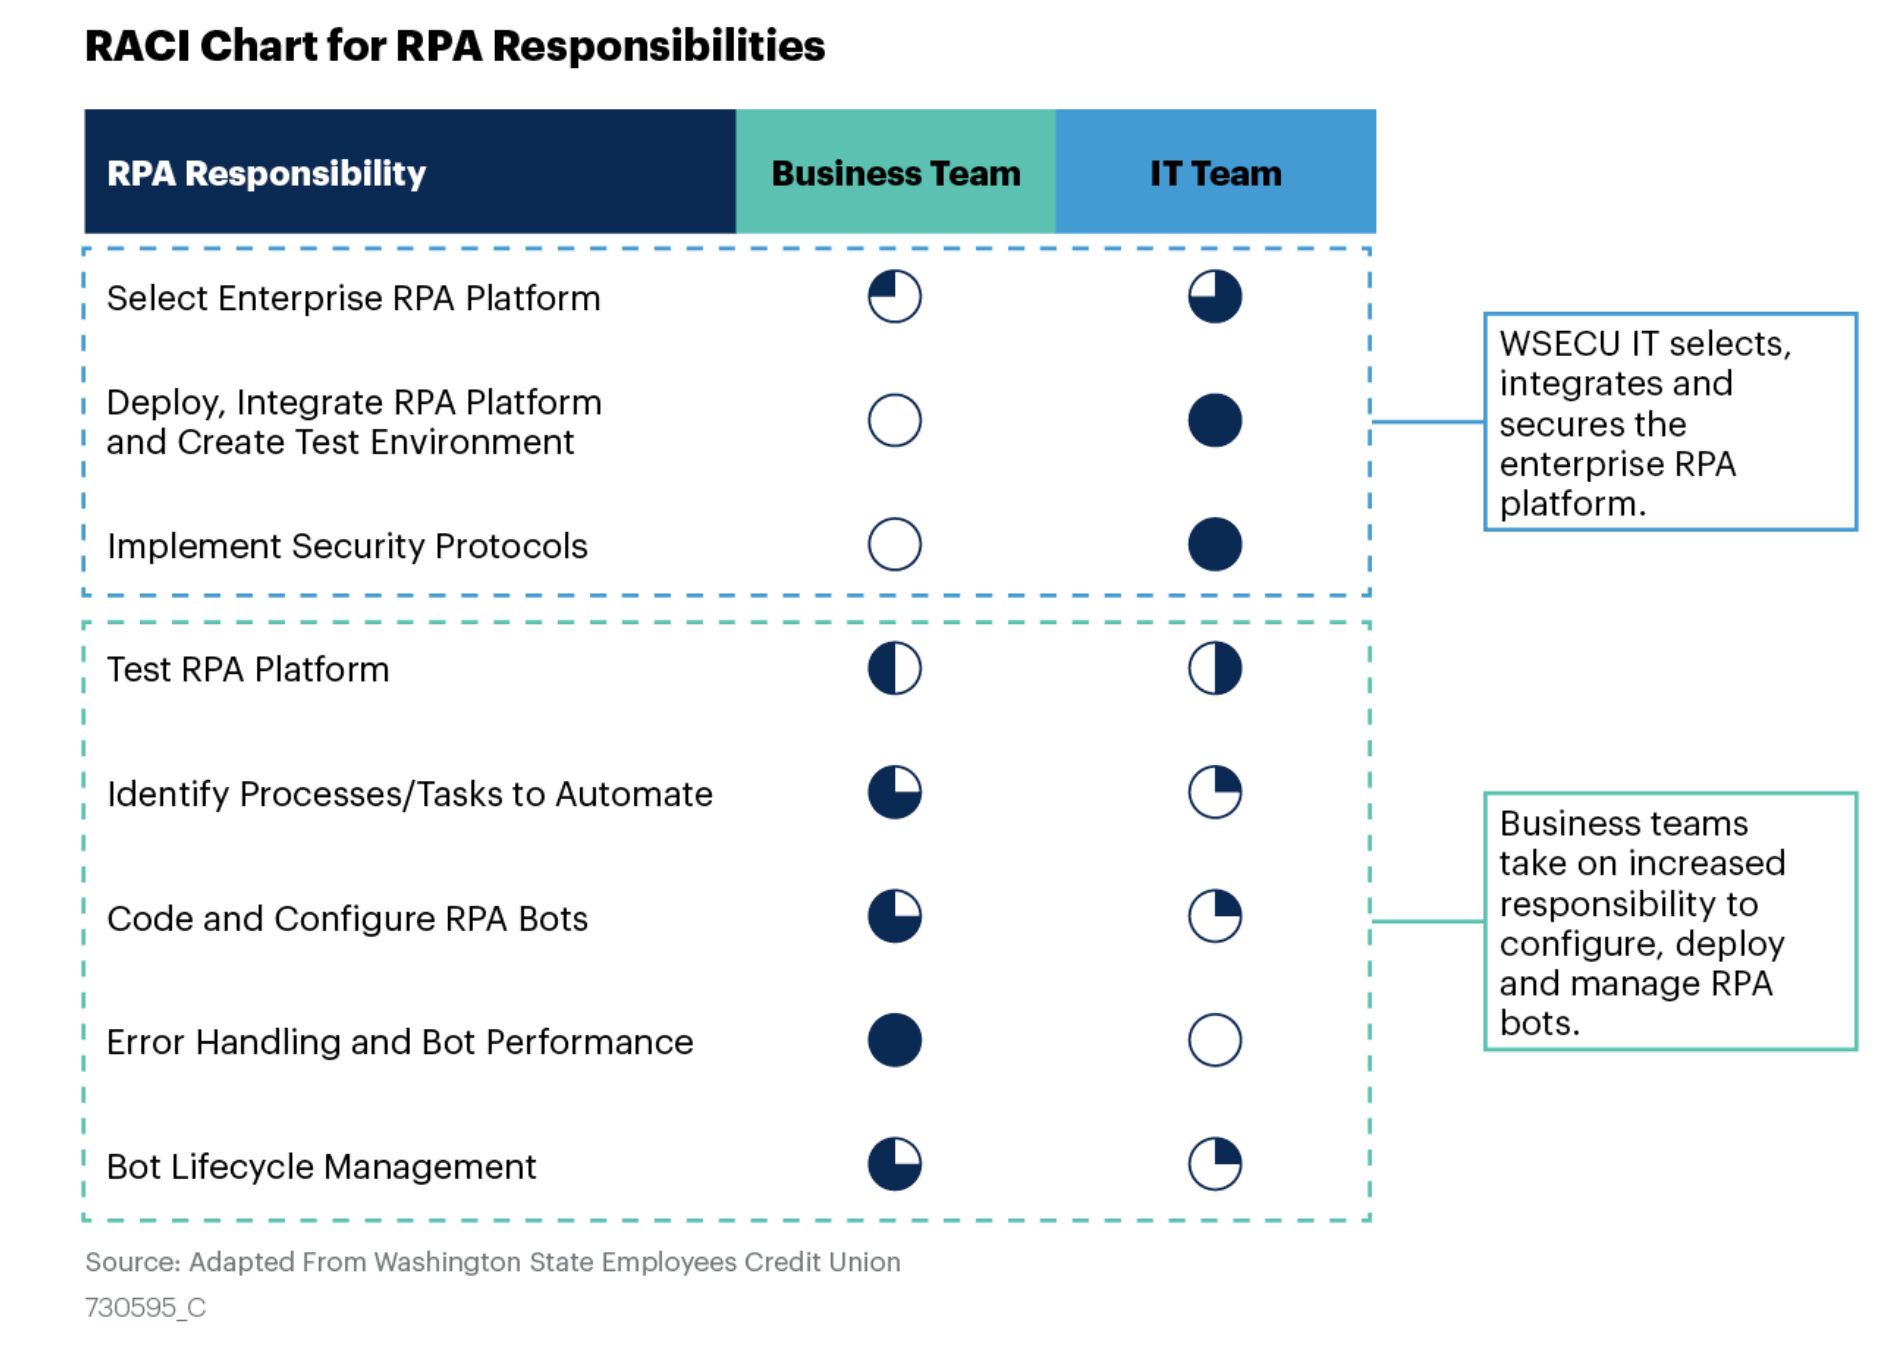 RPA 实施中业务团队和 IT 团队的分工框架参考